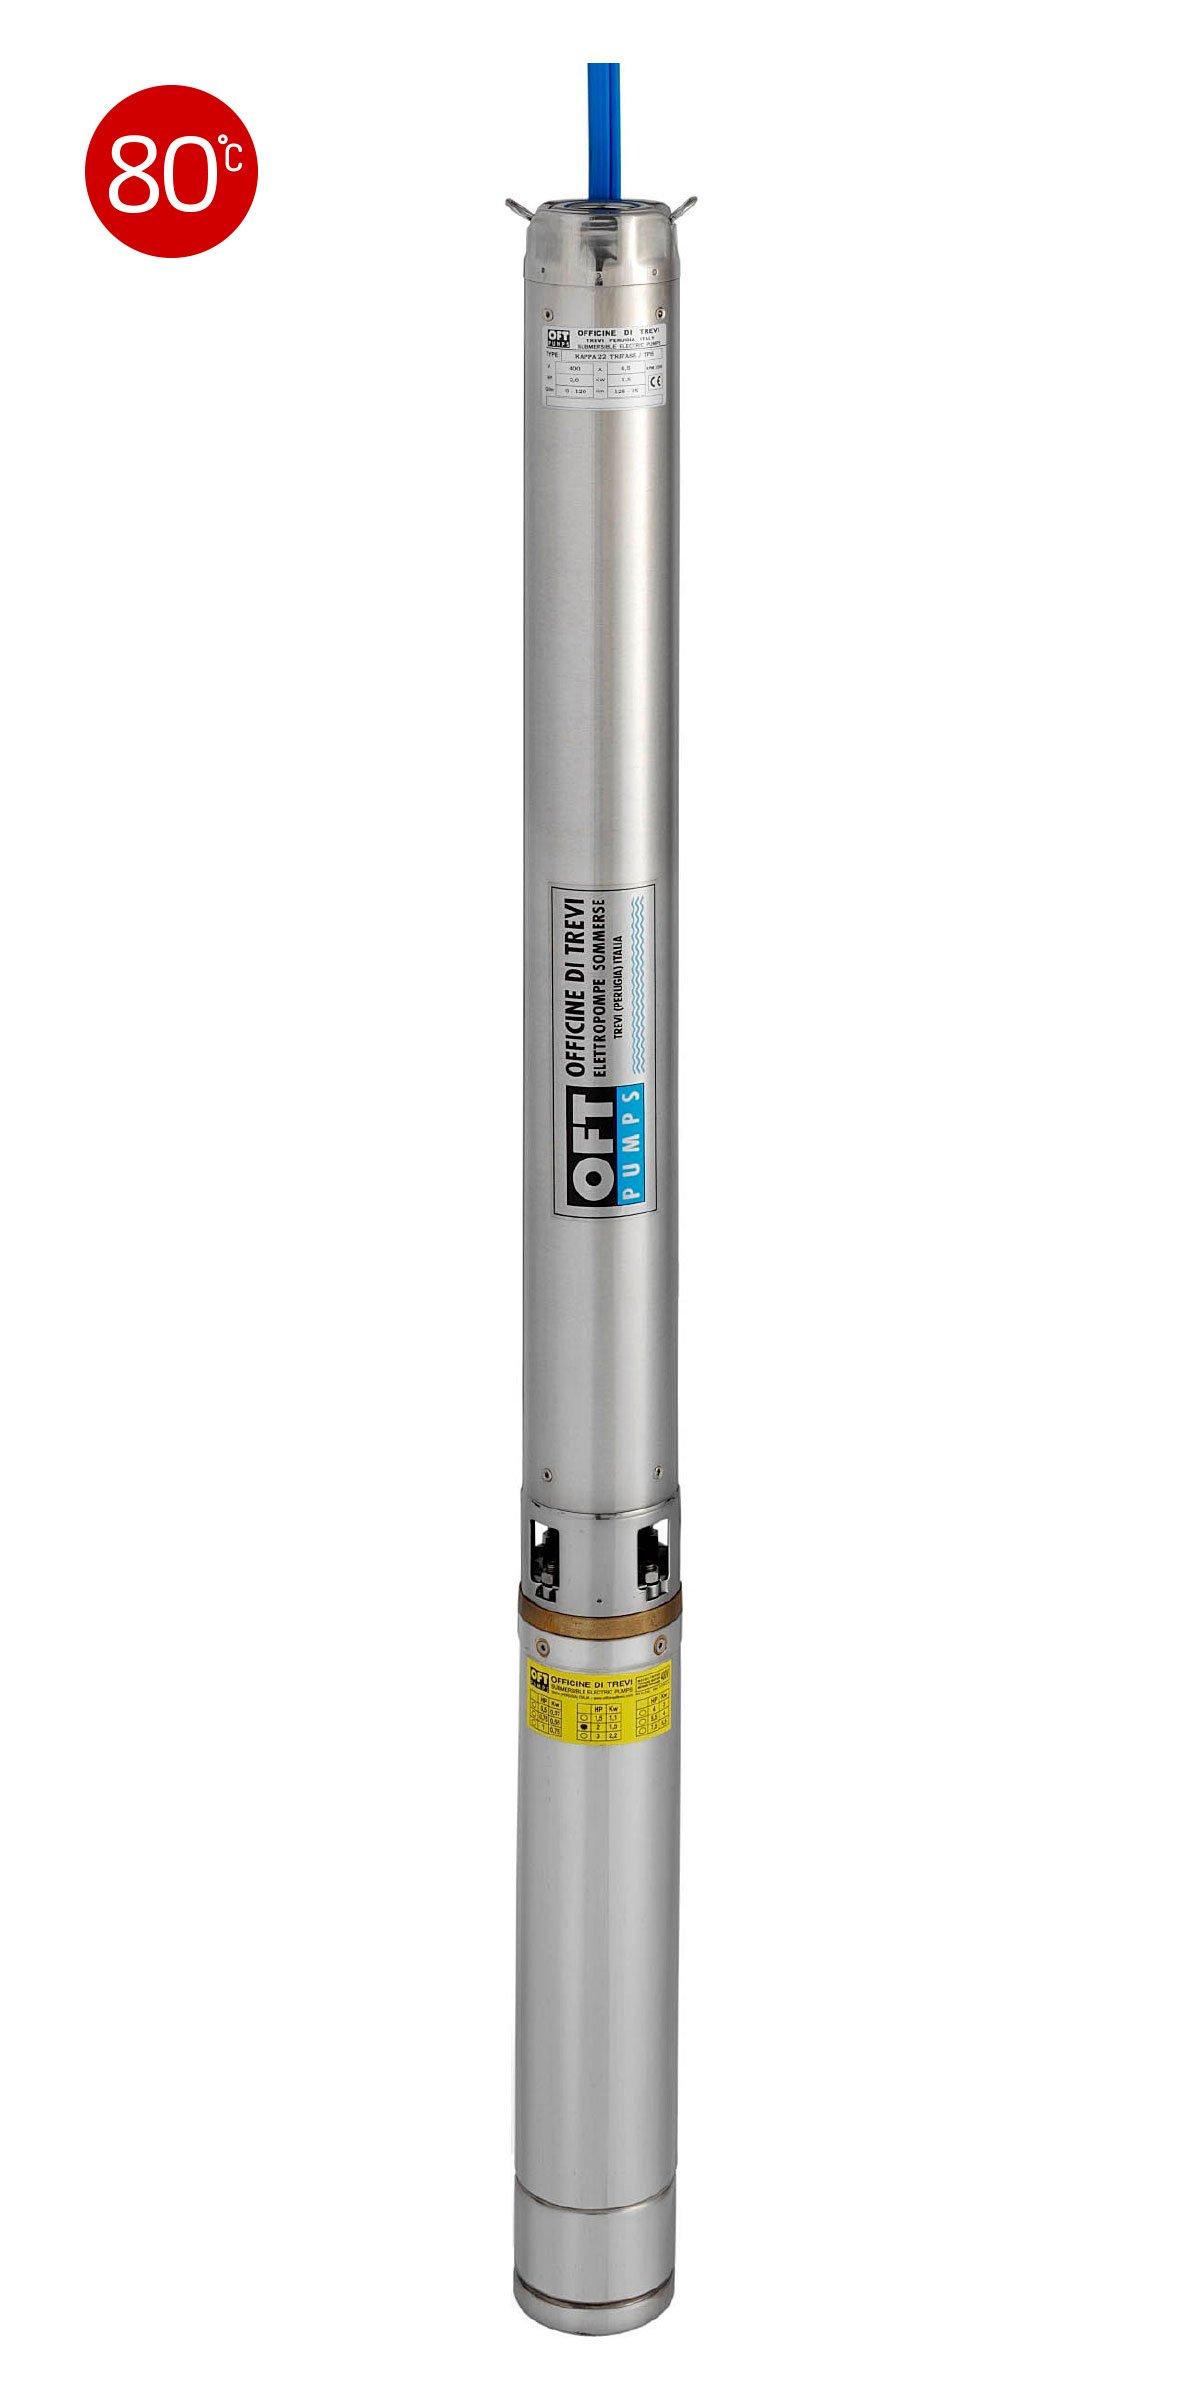 Elettropompe 4″ per liquidi contaminati max 80 °C